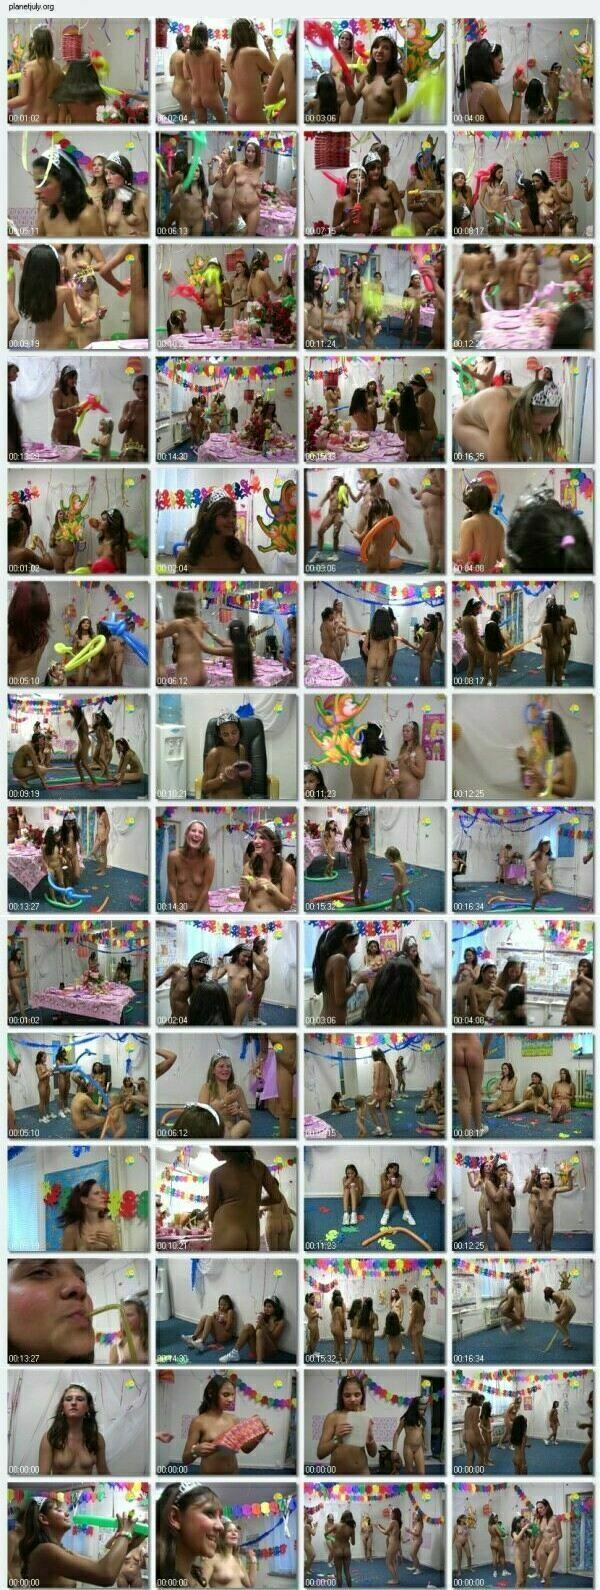 Nudist Family Video - Princess